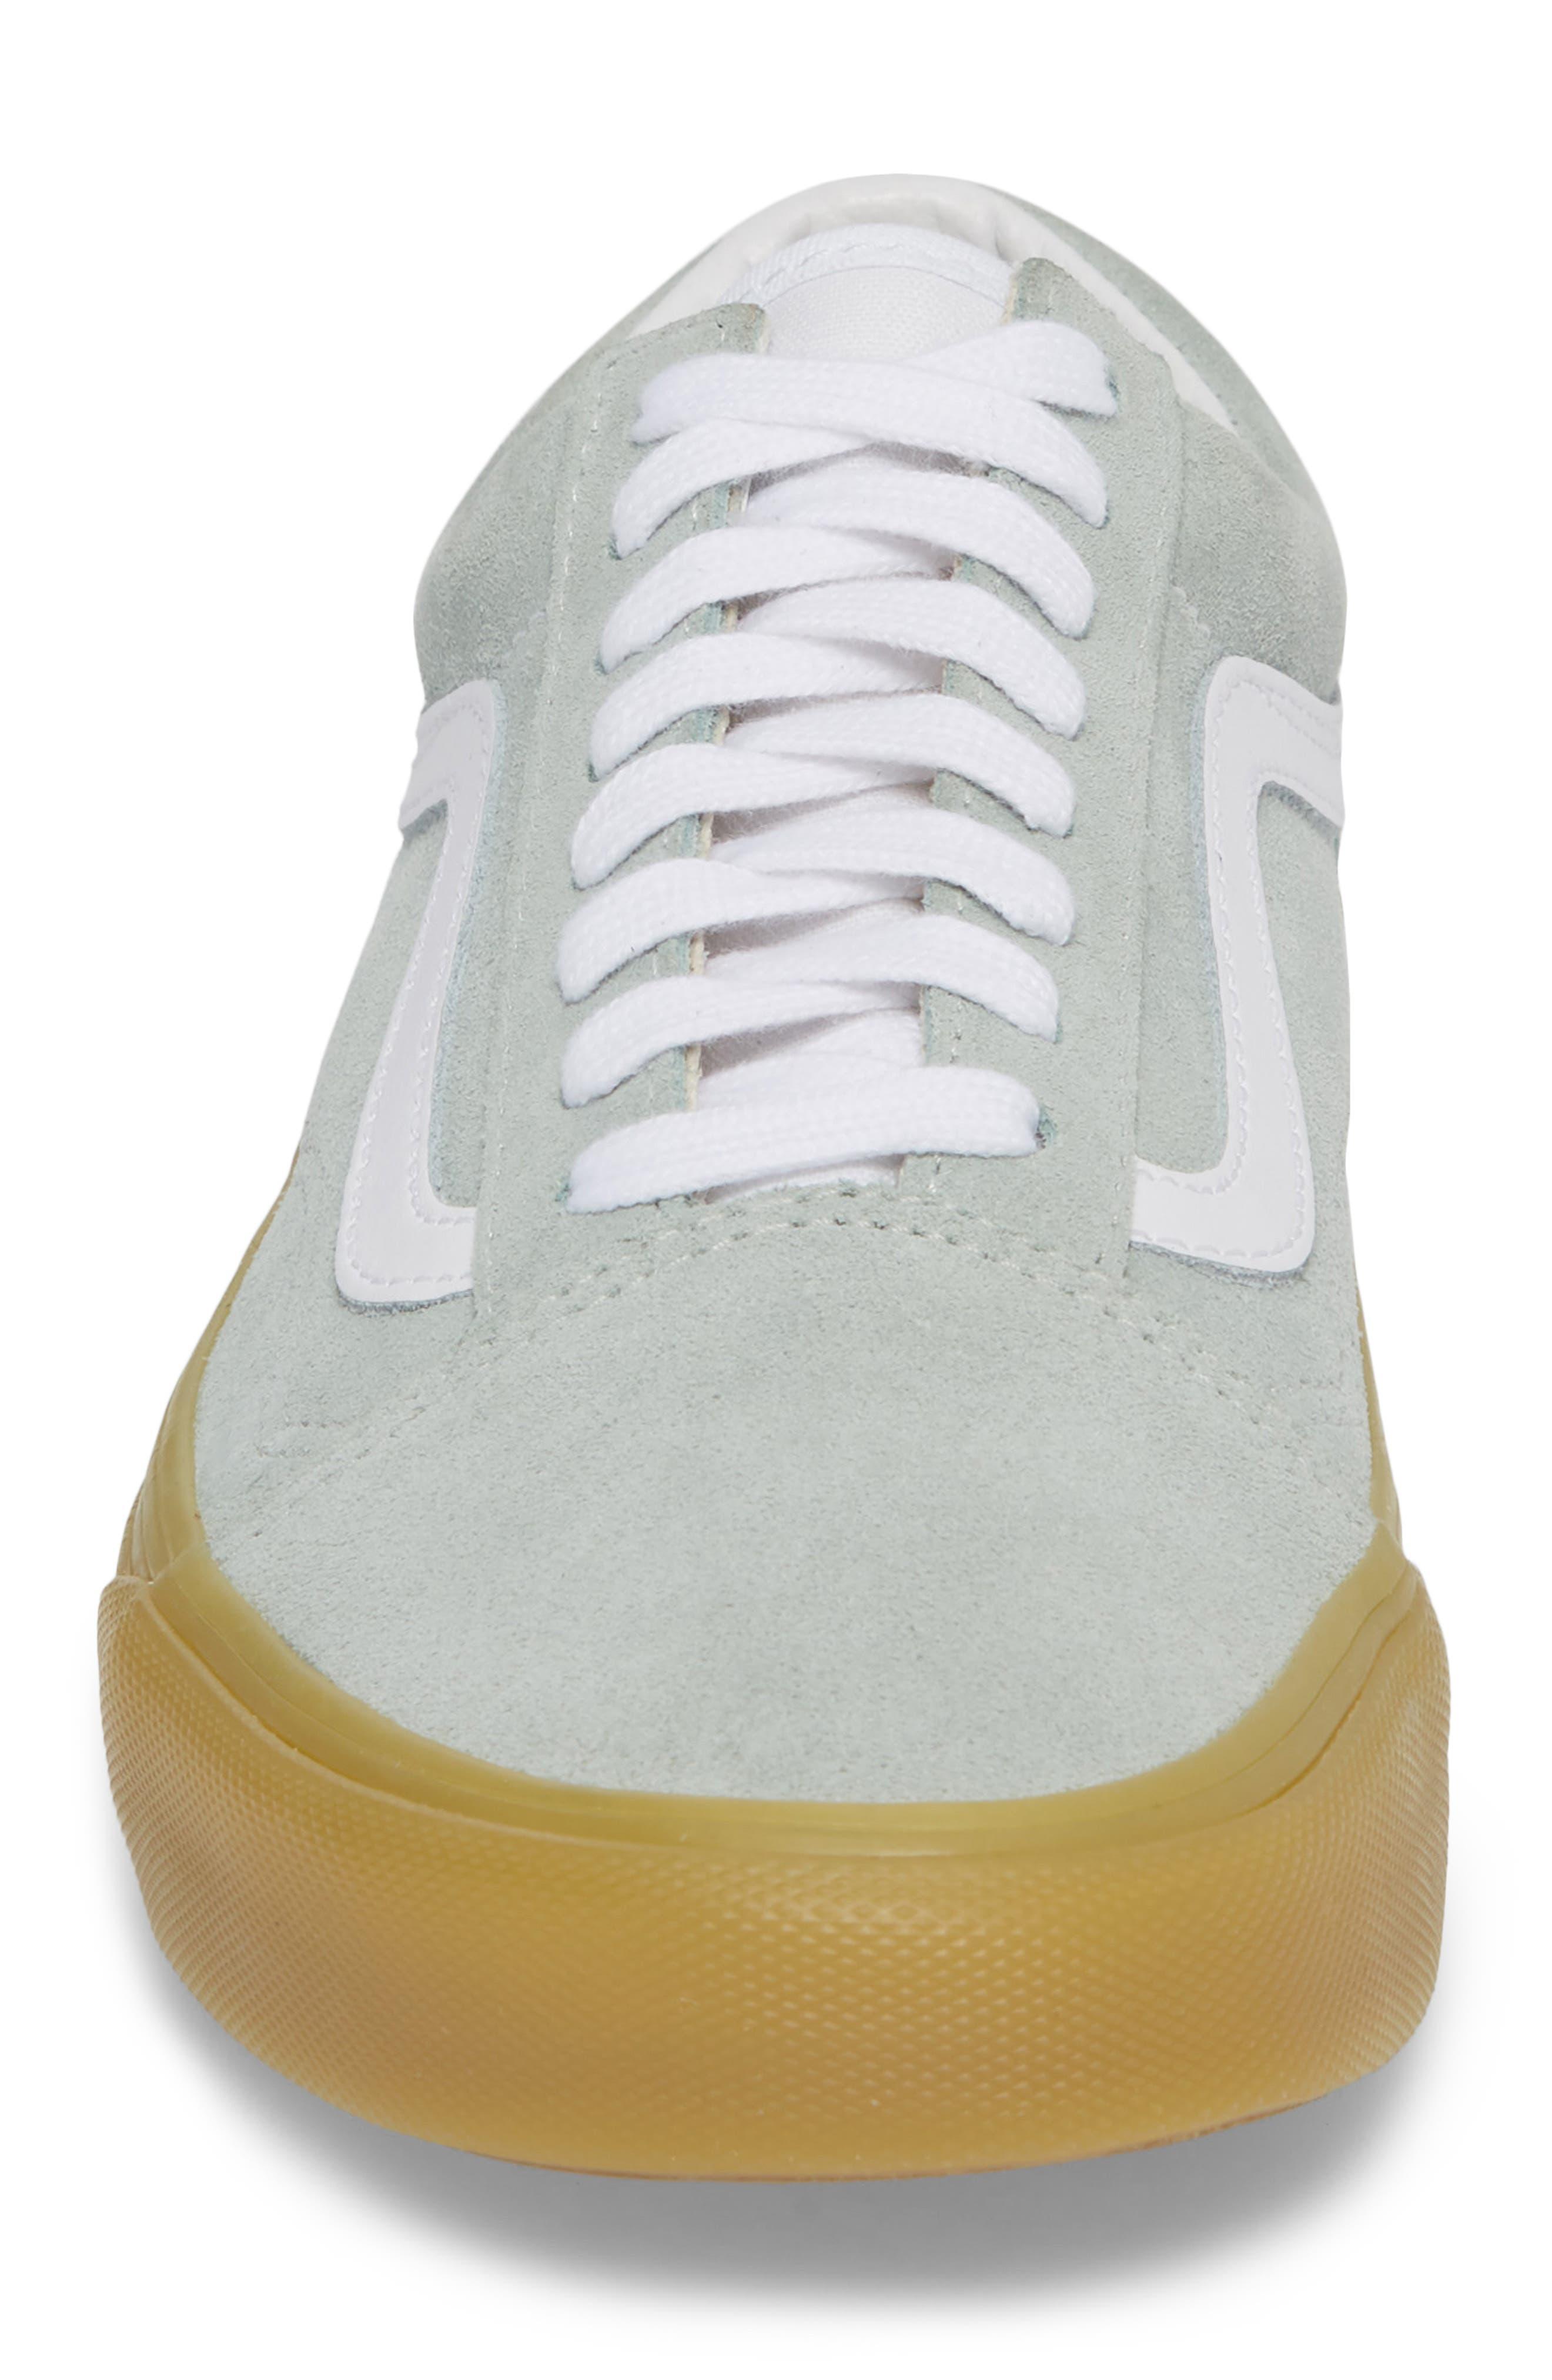 Gum Old Skool Sneaker,                             Alternate thumbnail 4, color,                             Metal Leather